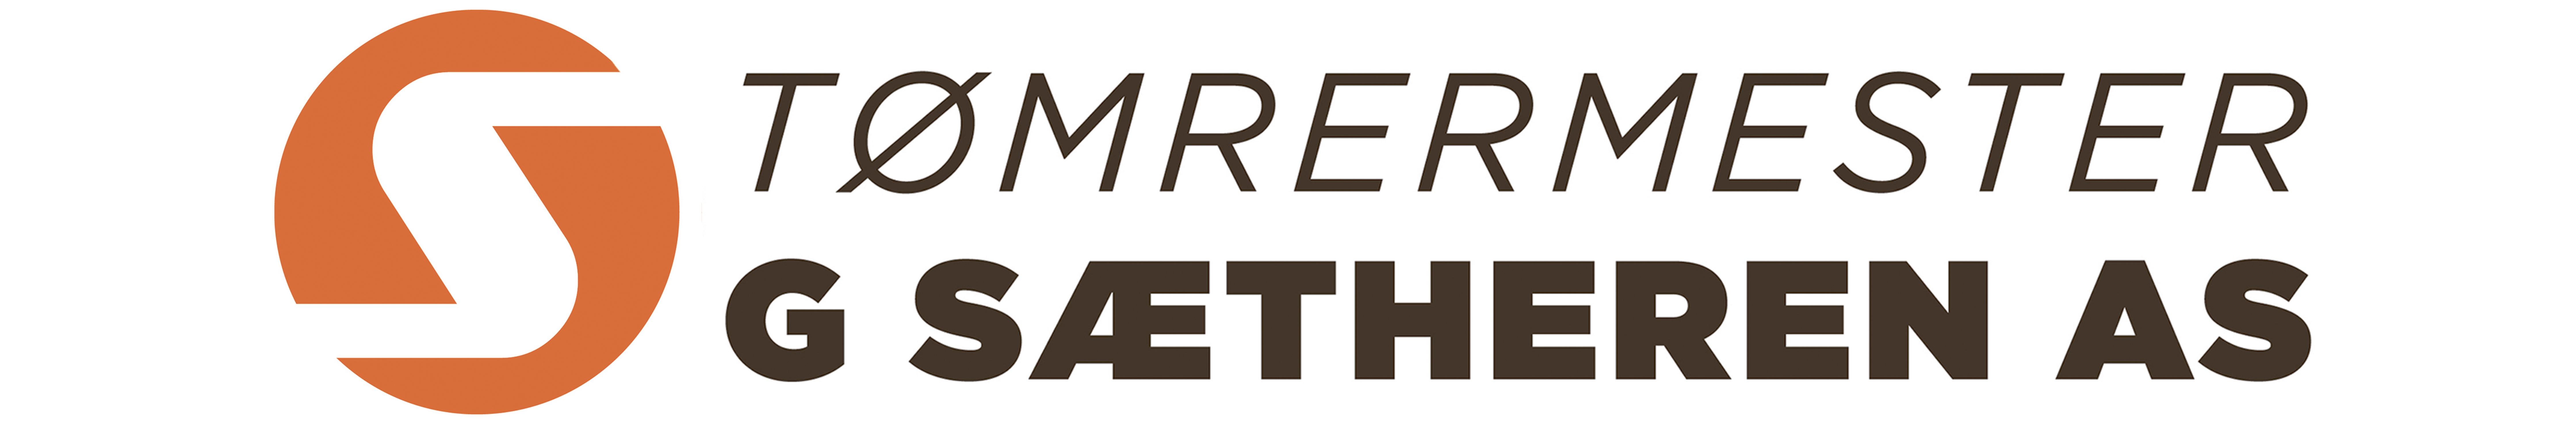 Tømrermester G Sætheren AS Logo